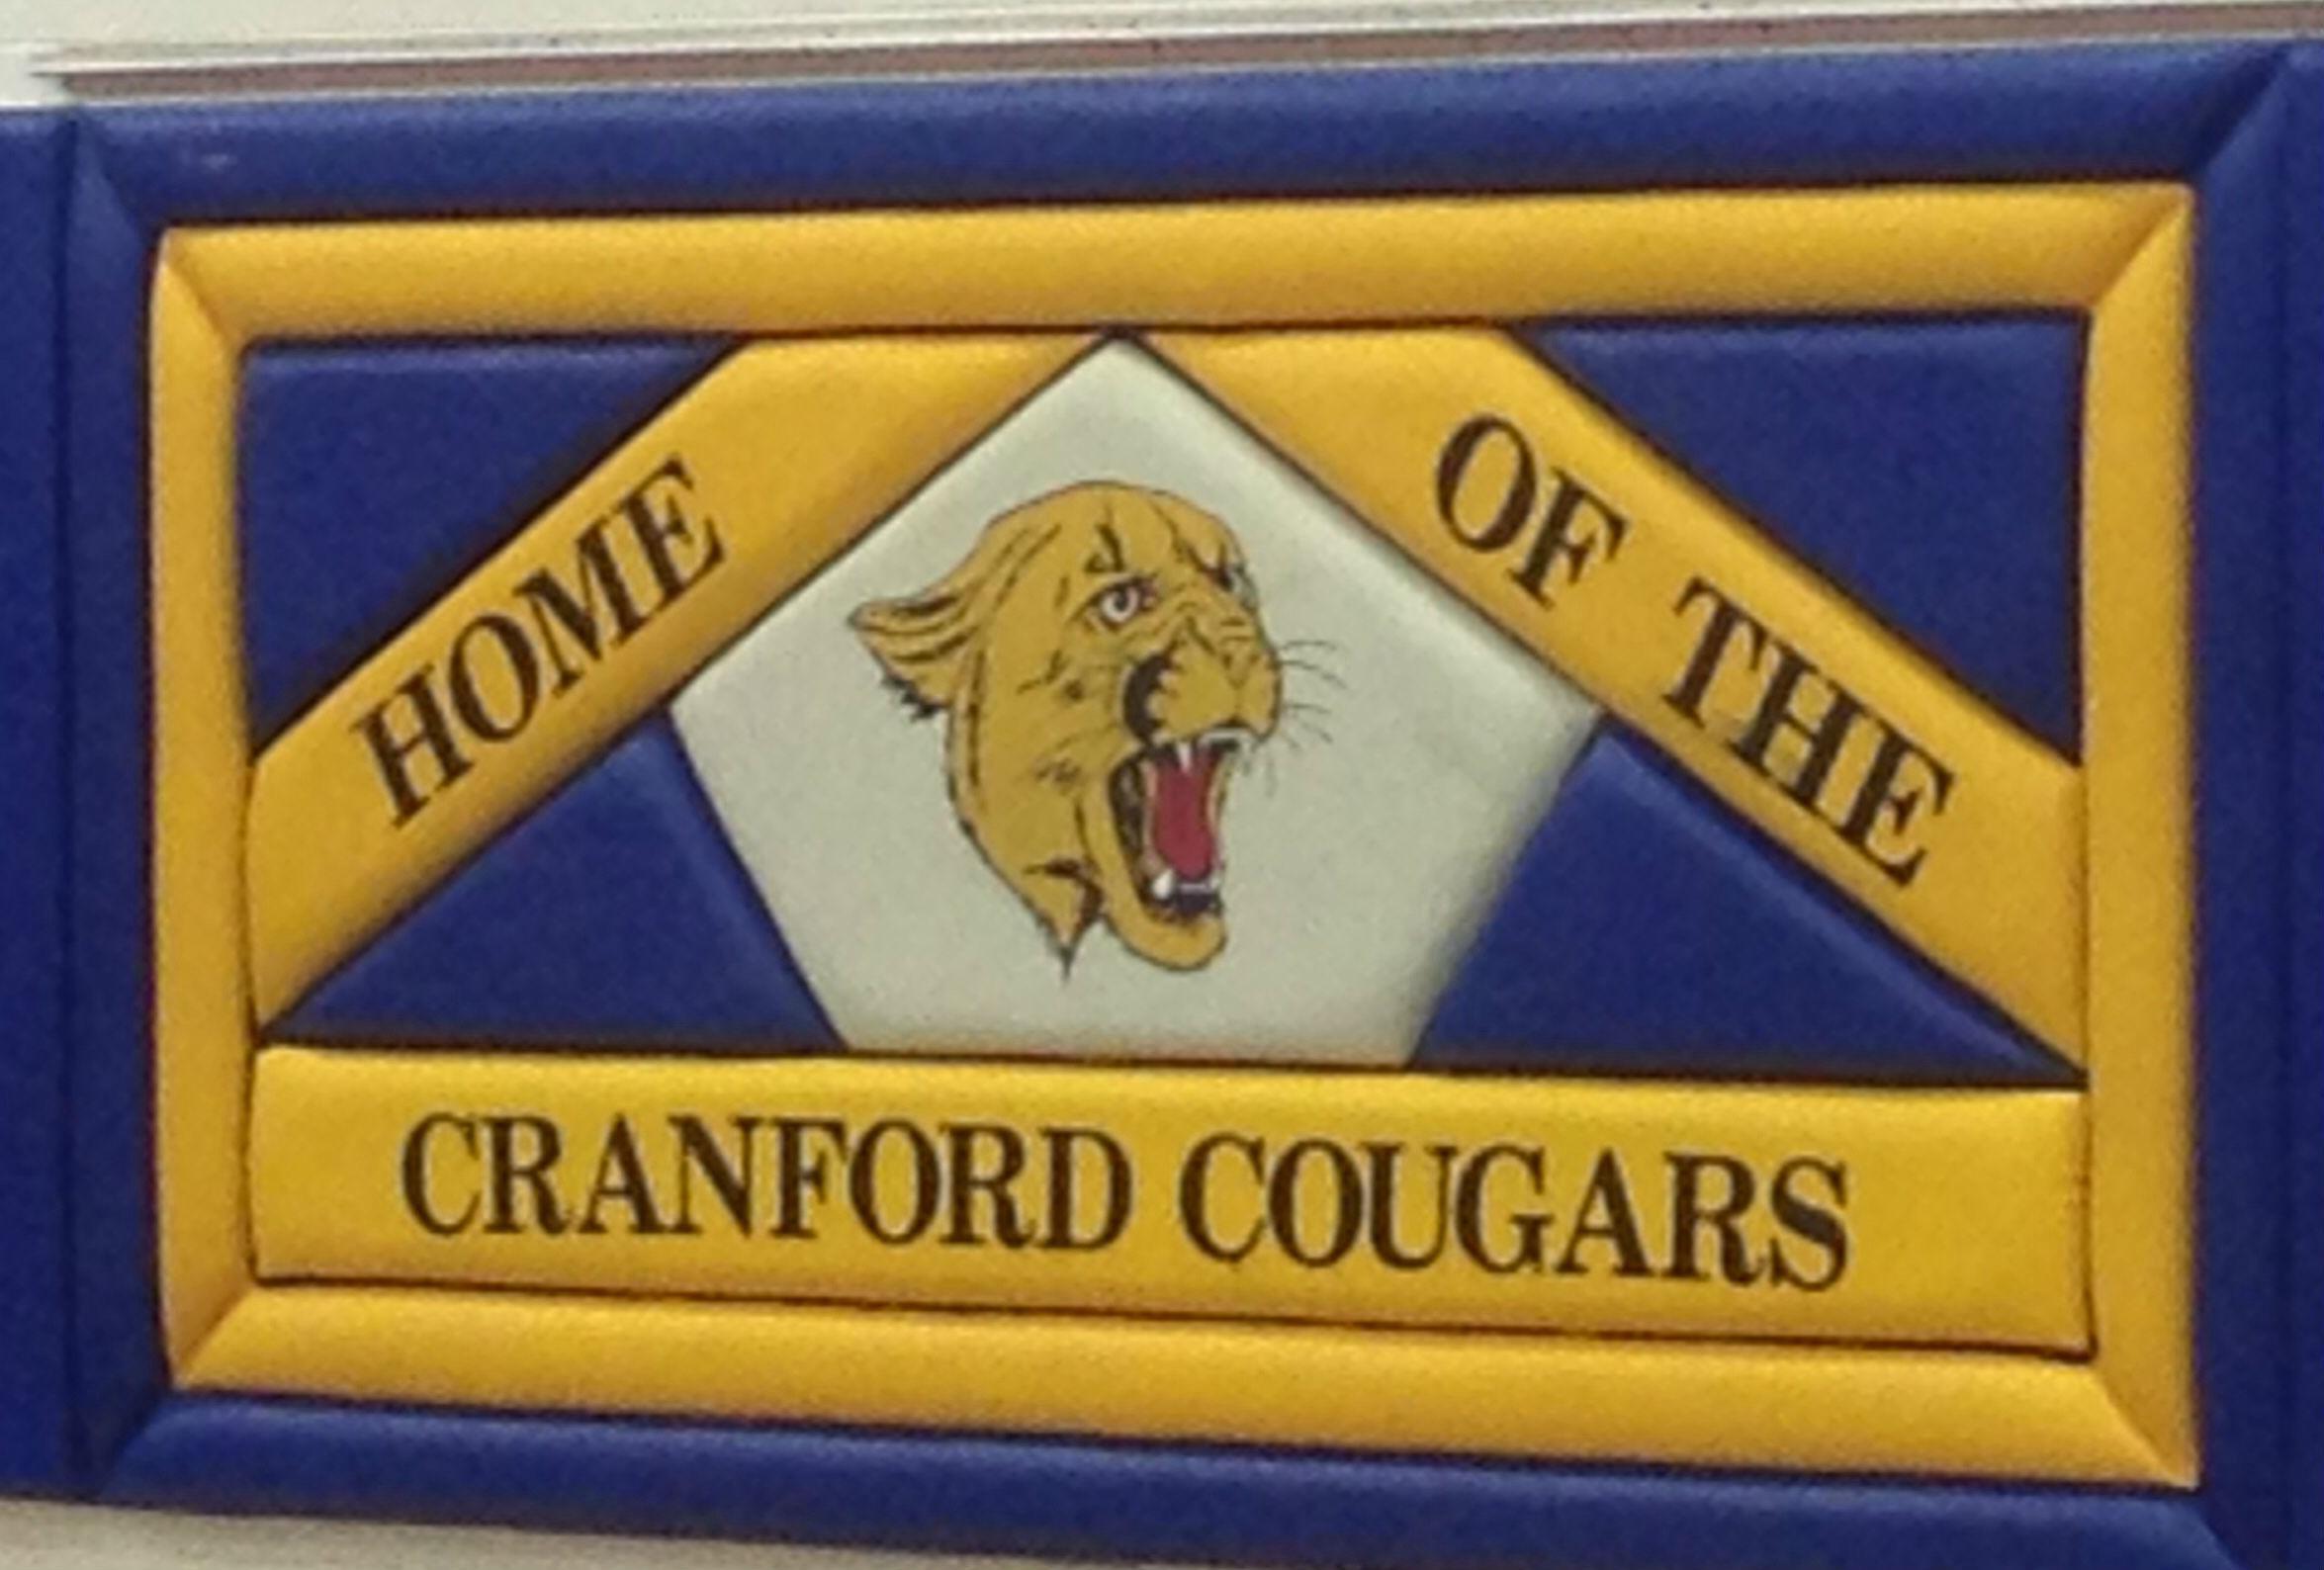 d692c81cb556e83d9d6b_cranford_cougar.jpg